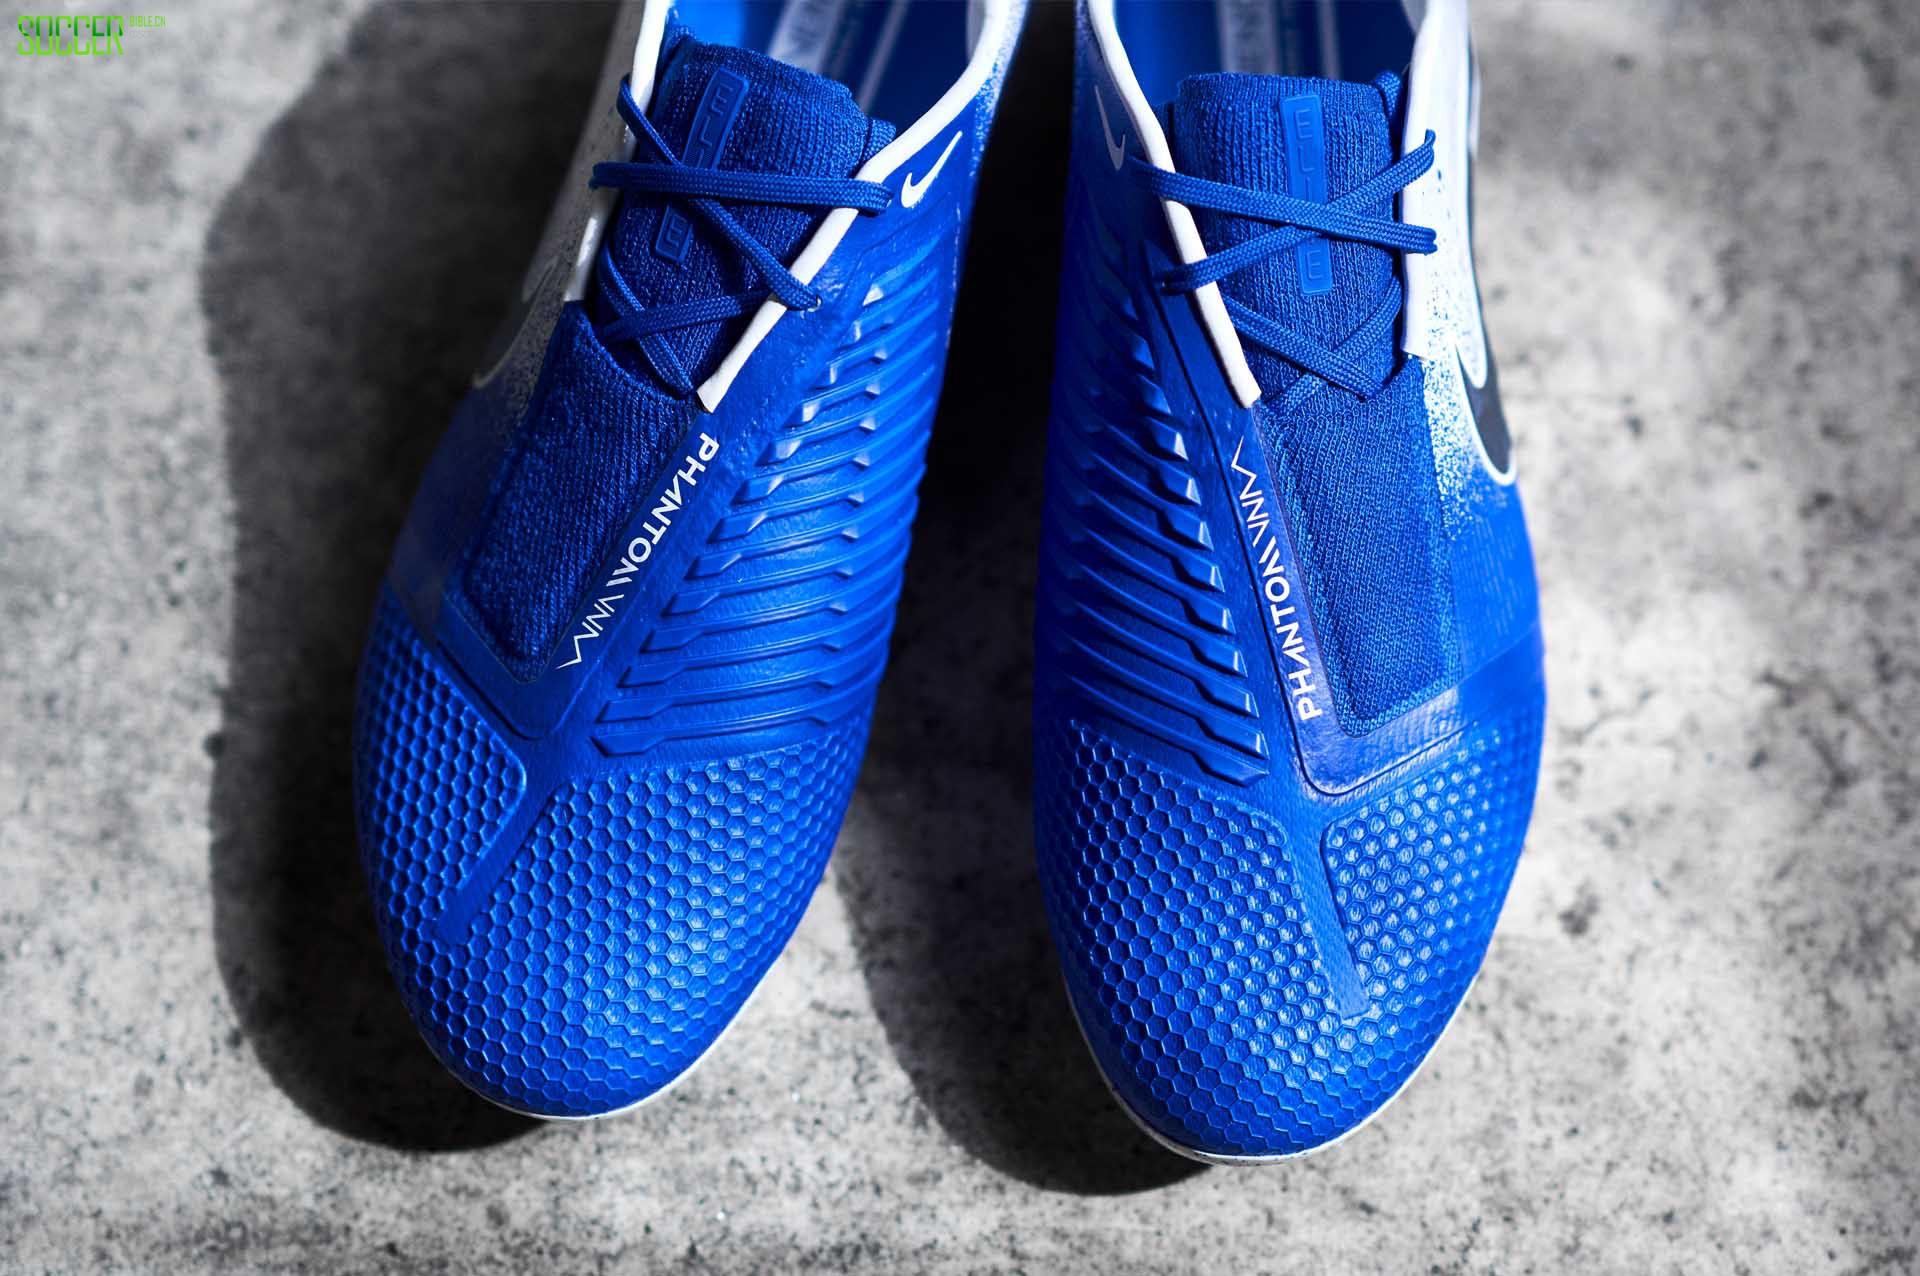 耐克发布Euphoria Pack套装足球鞋